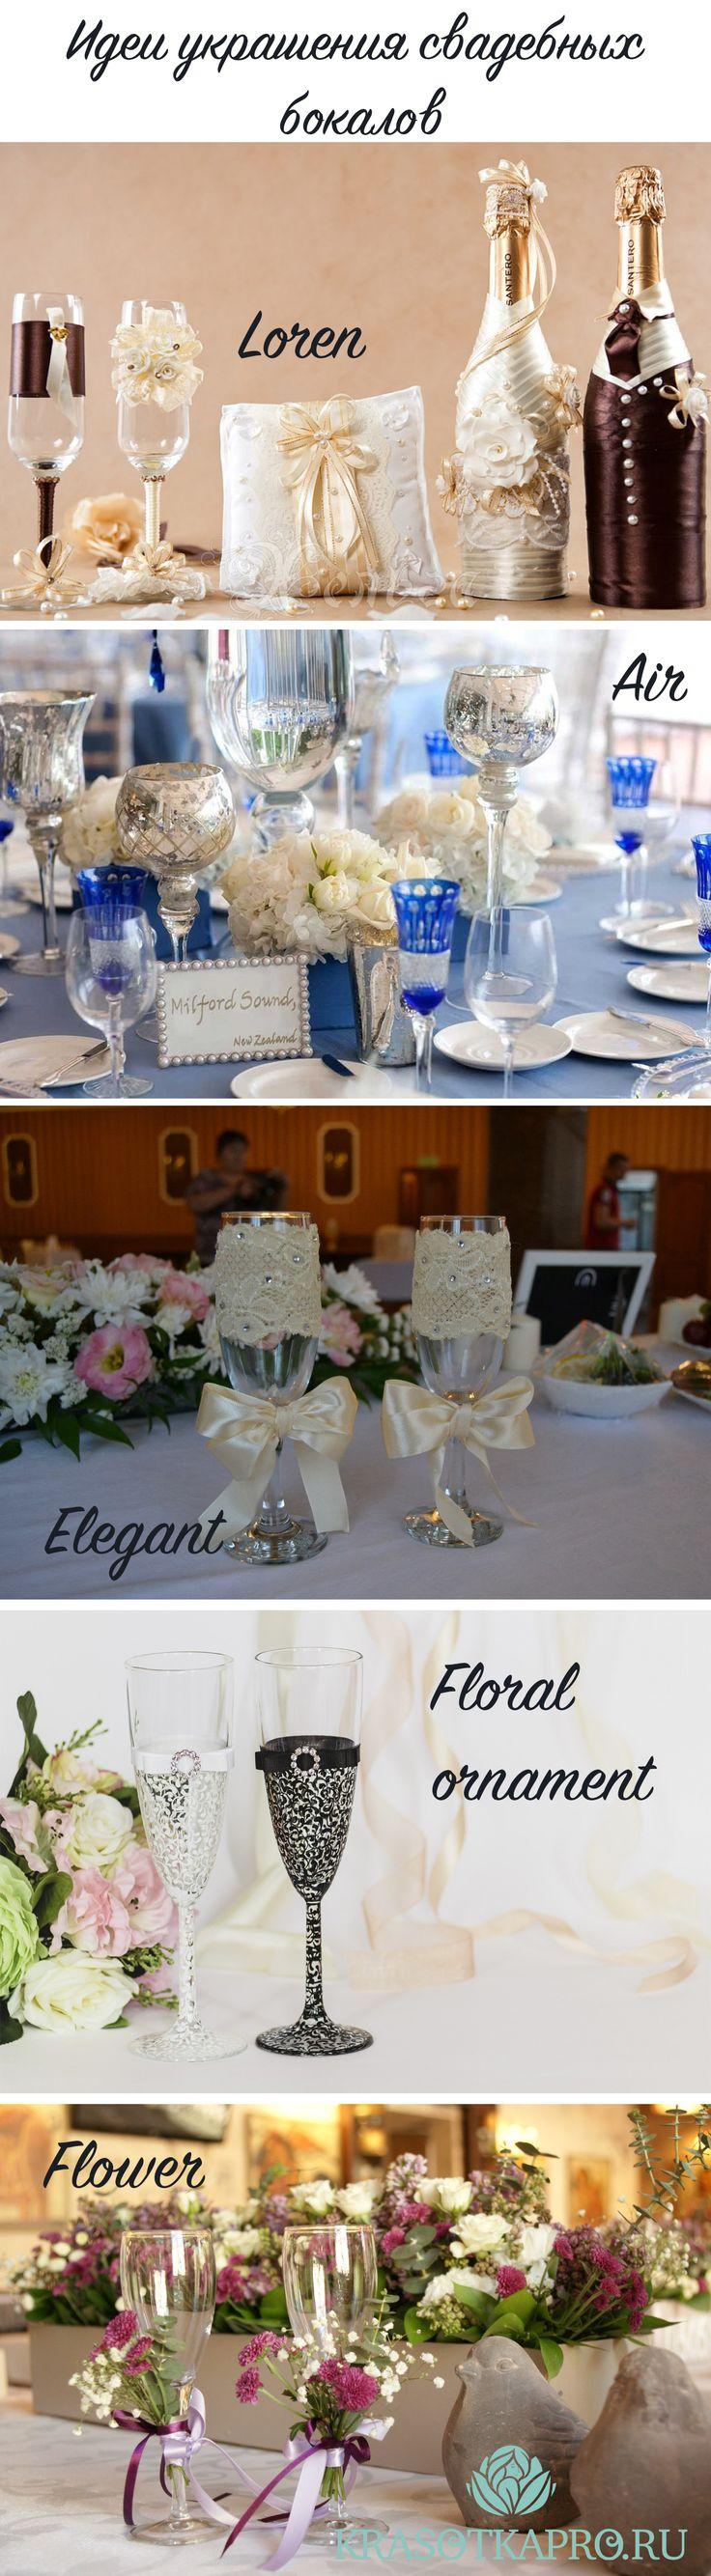 Идеи украшения свадебных бокалов! Top tips & beauty hacks by KrasotkaPro. #КрасоткаПро #Идеи #Оформление #Свадьба #Свадебные идеи